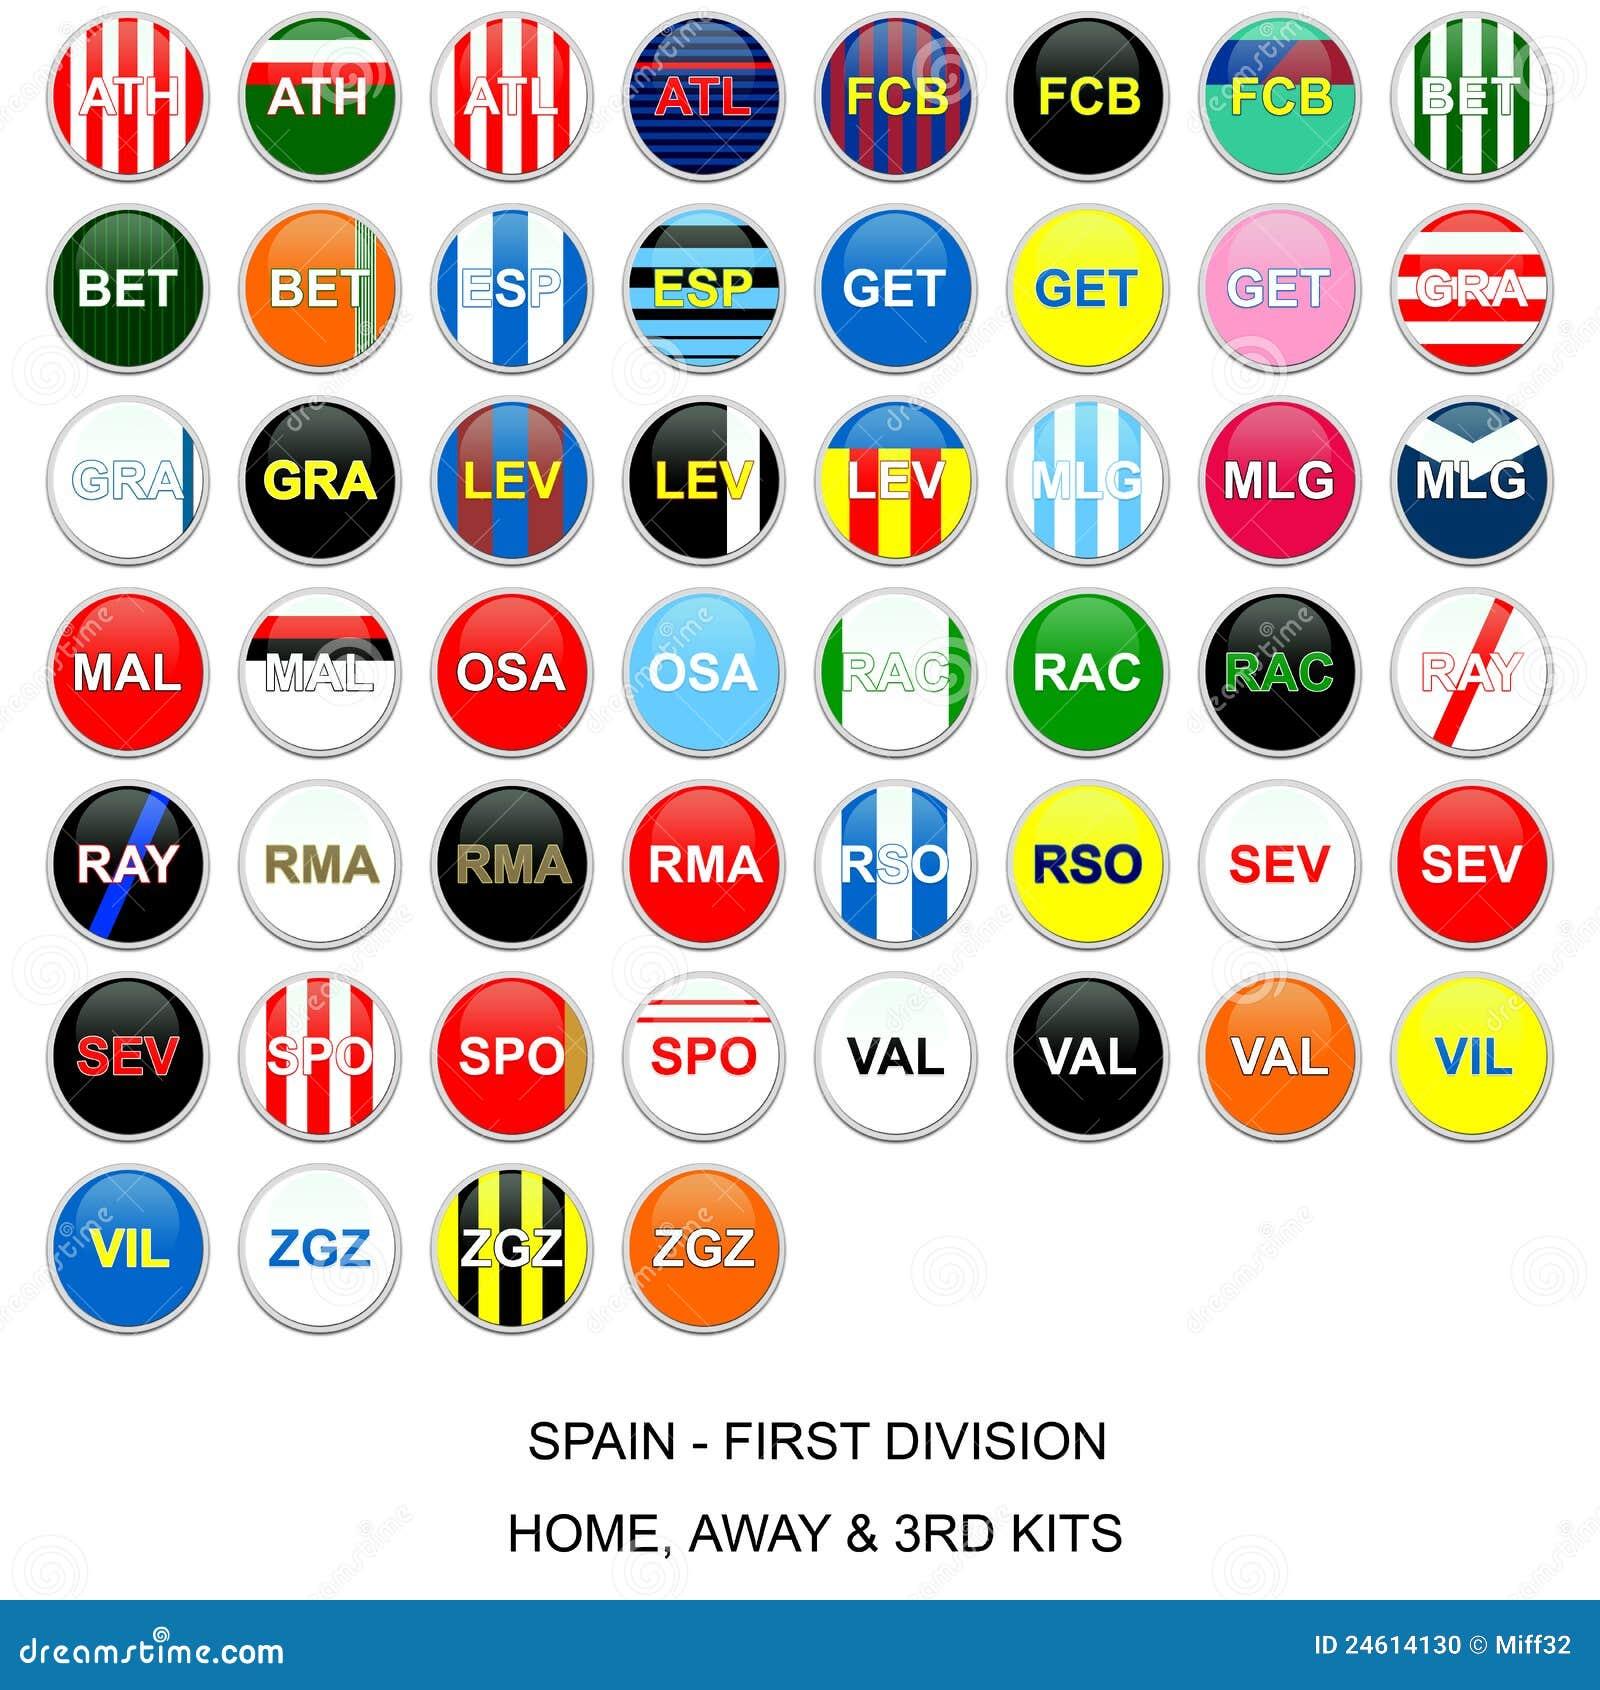 Spanische FuГџball Ligen